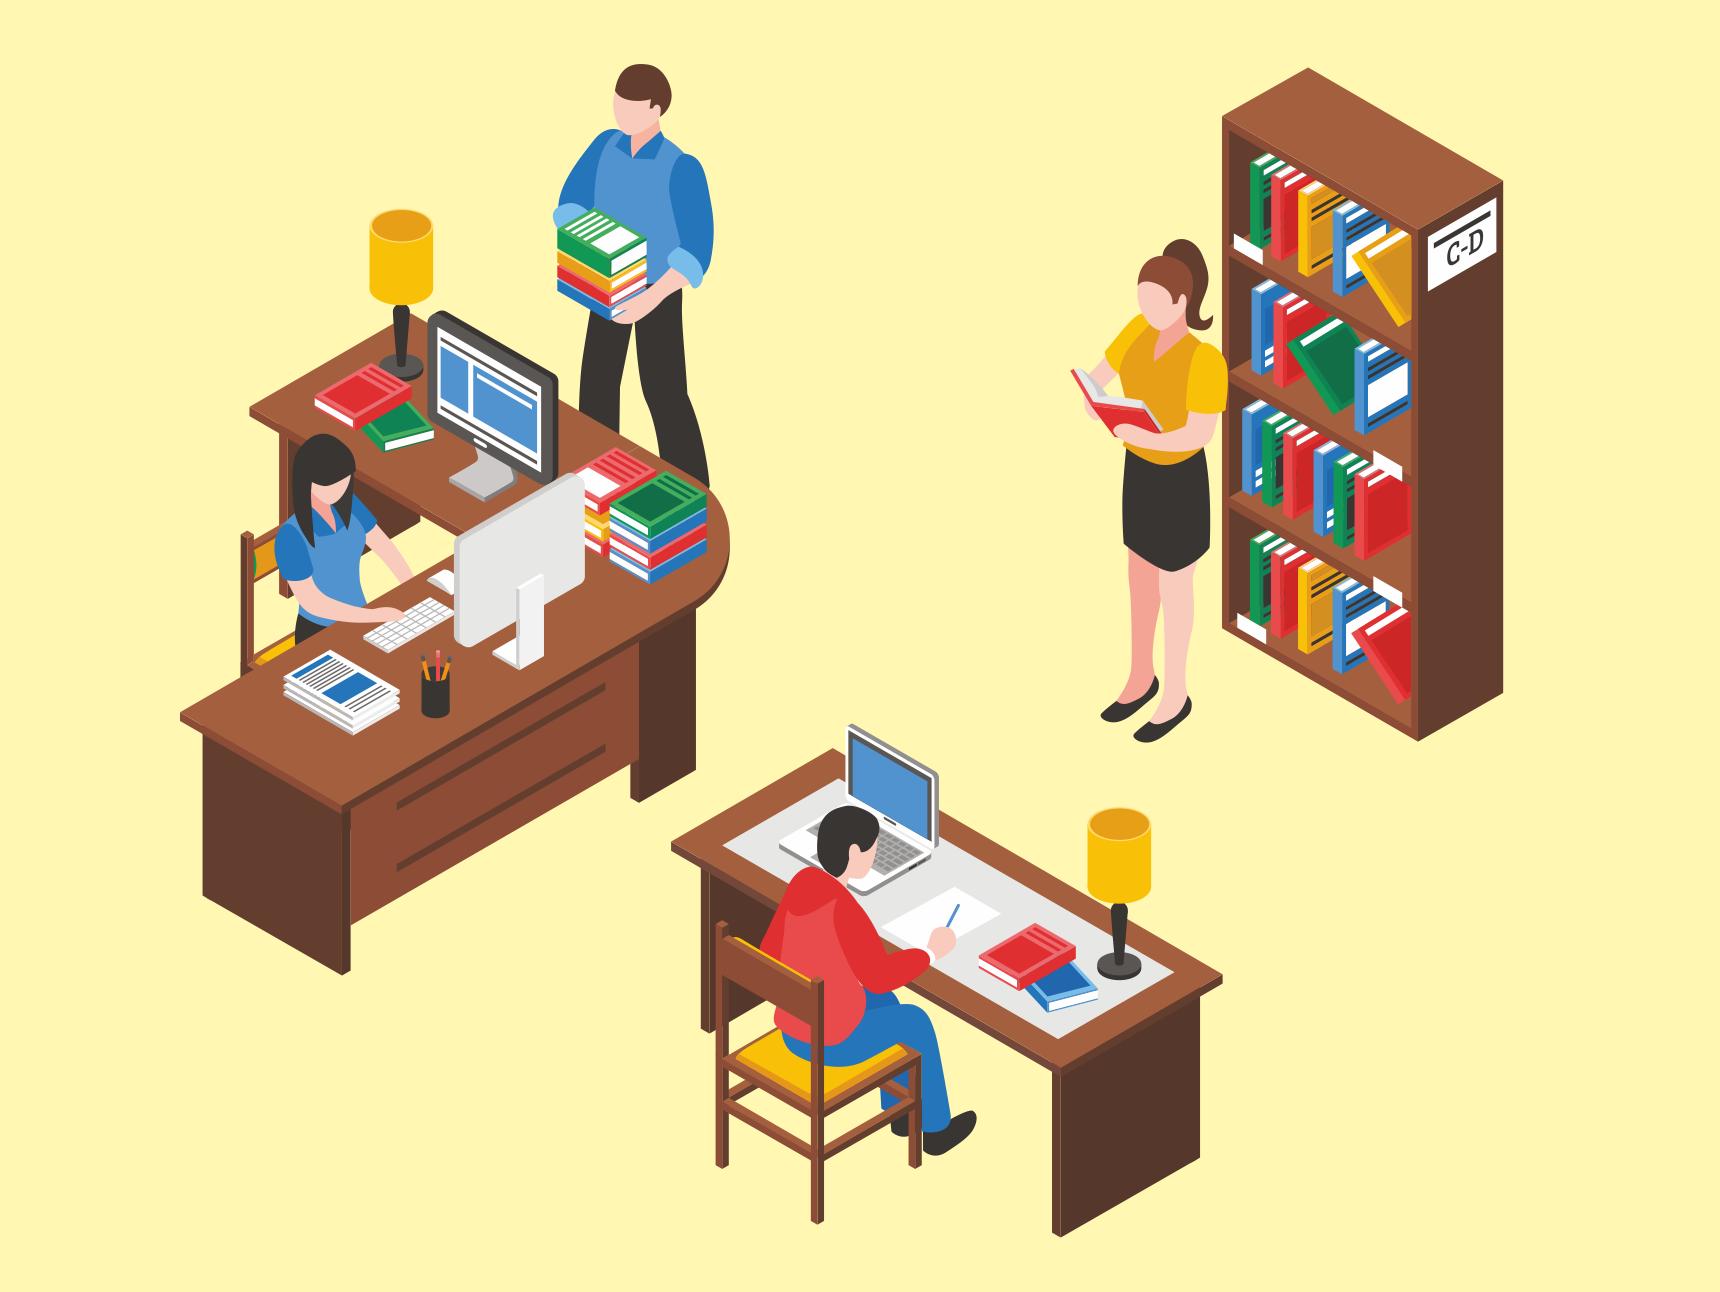 Változott könyvtáraink Használati szabályzata